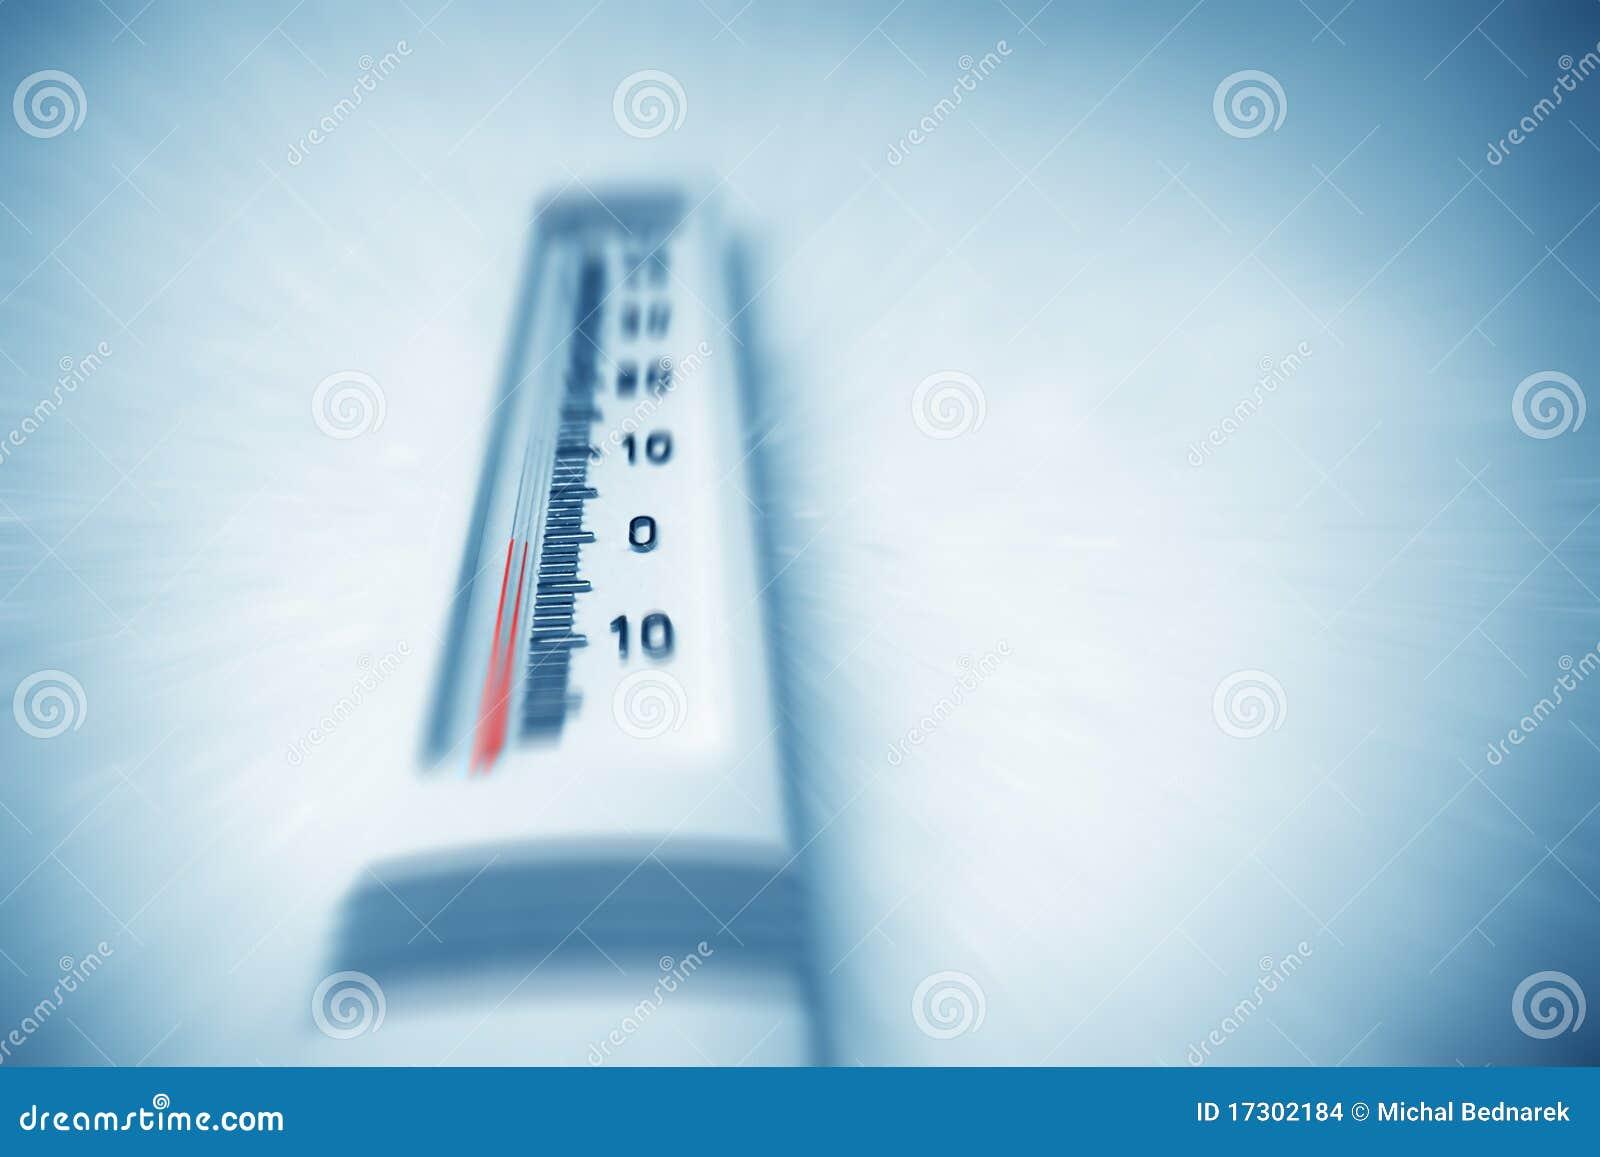 Abaixo de zero no termômetro.